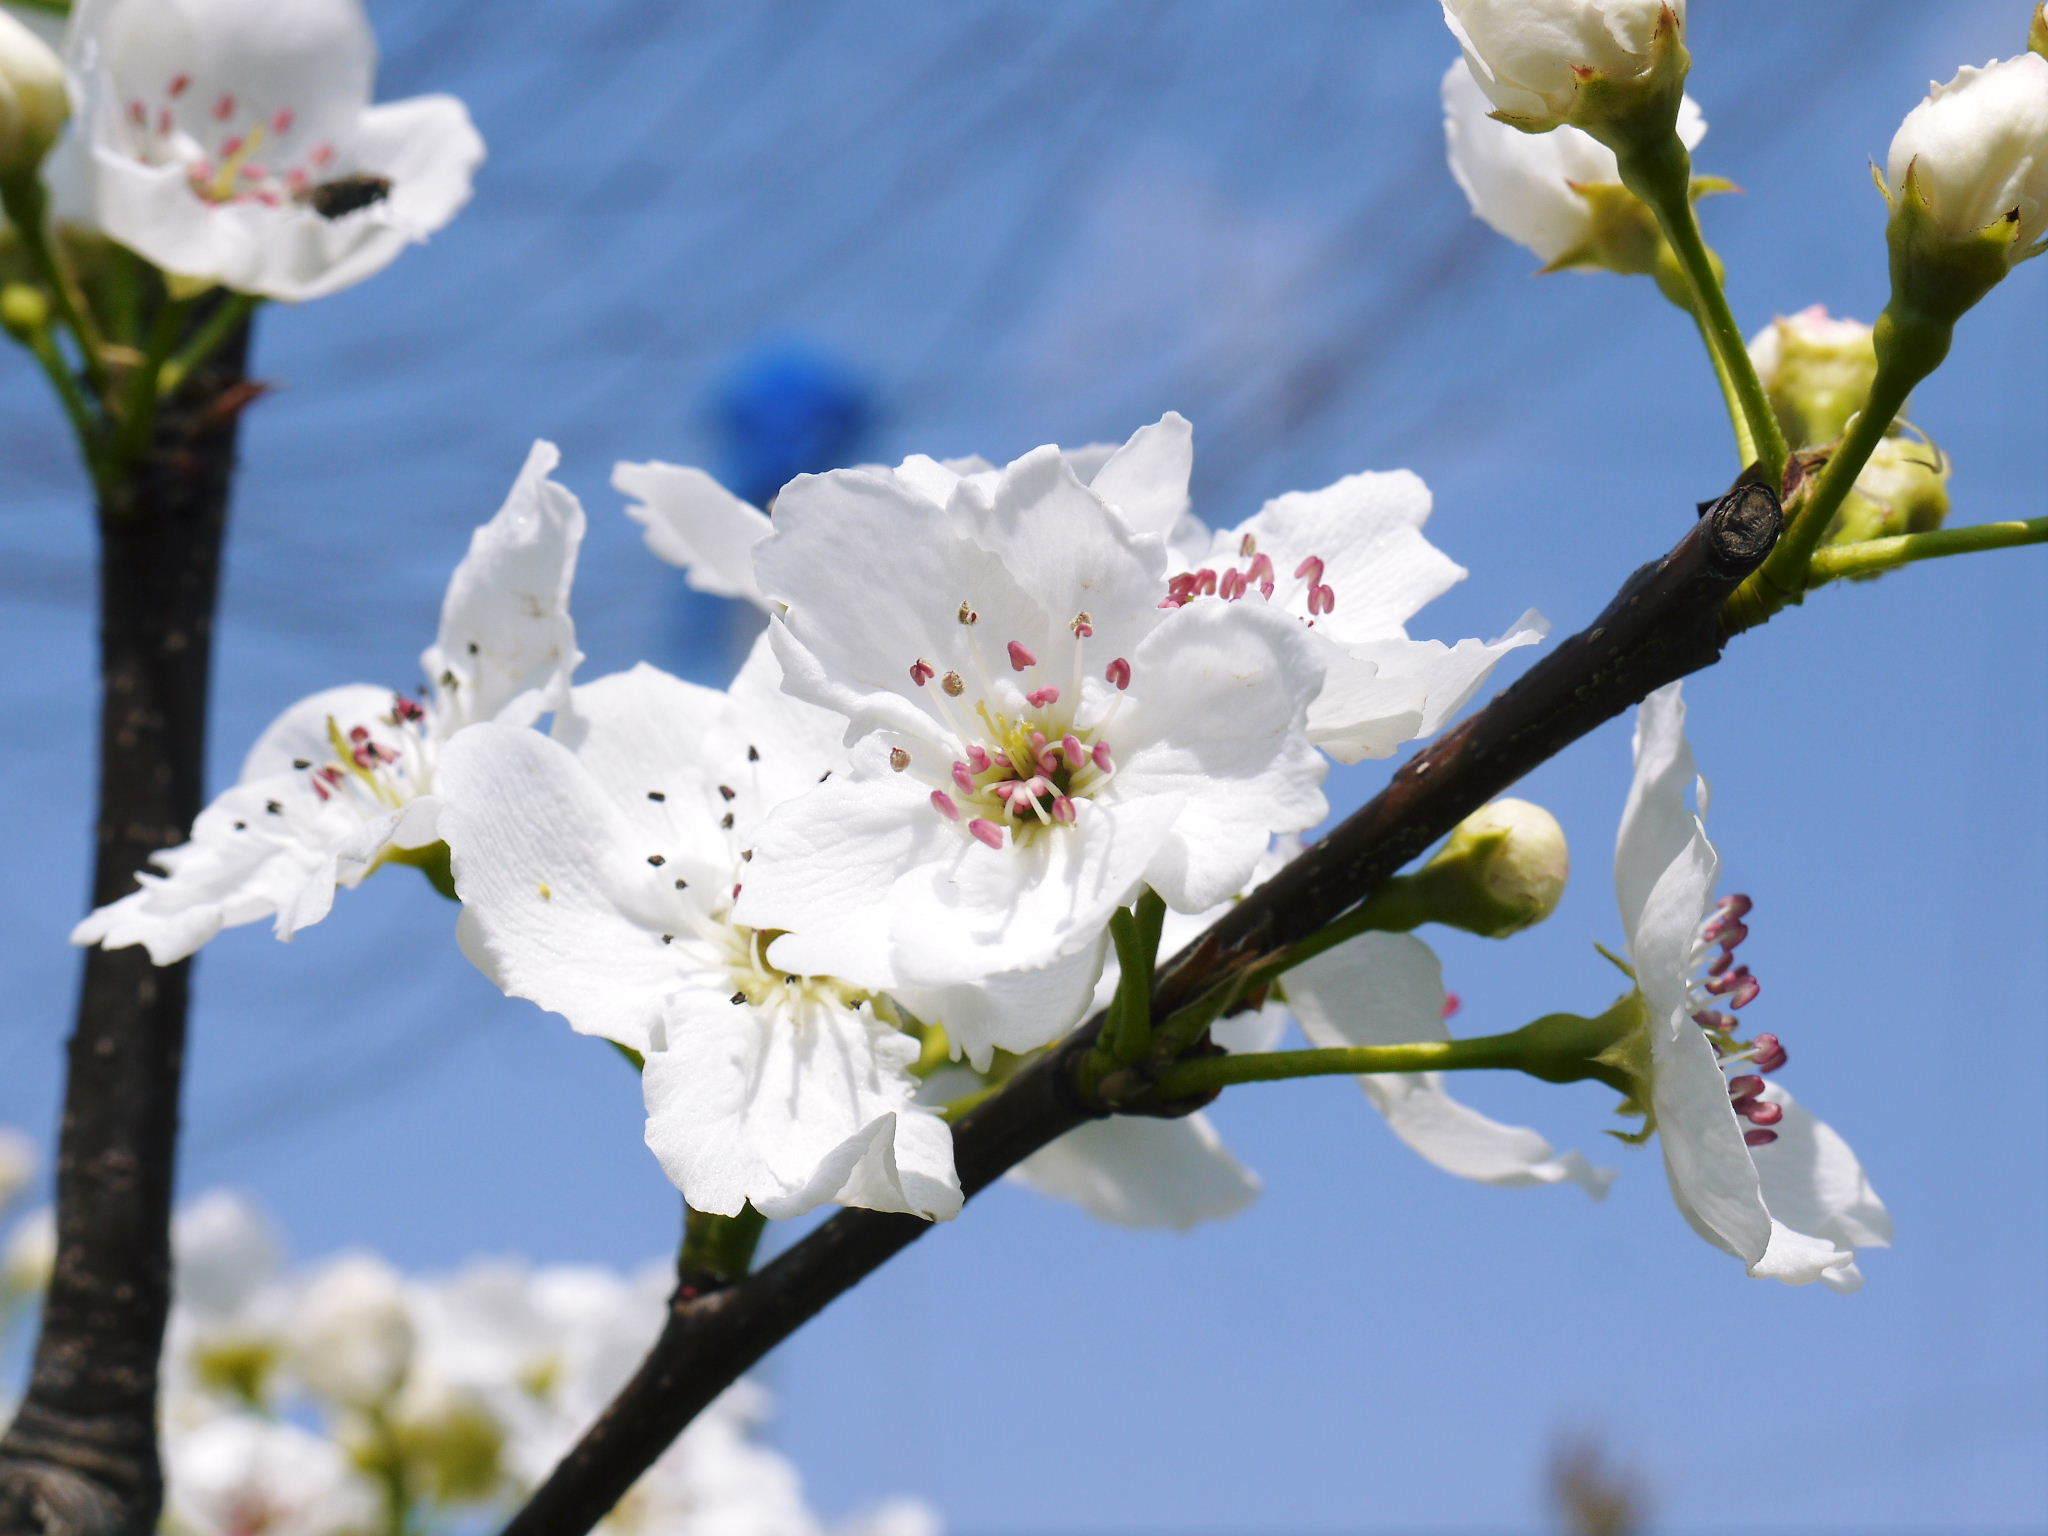 熊本梨 岩永農園 気温の上昇と共に、まずは最後に収穫する新高の花が咲き誇っていました_a0254656_19121132.jpg